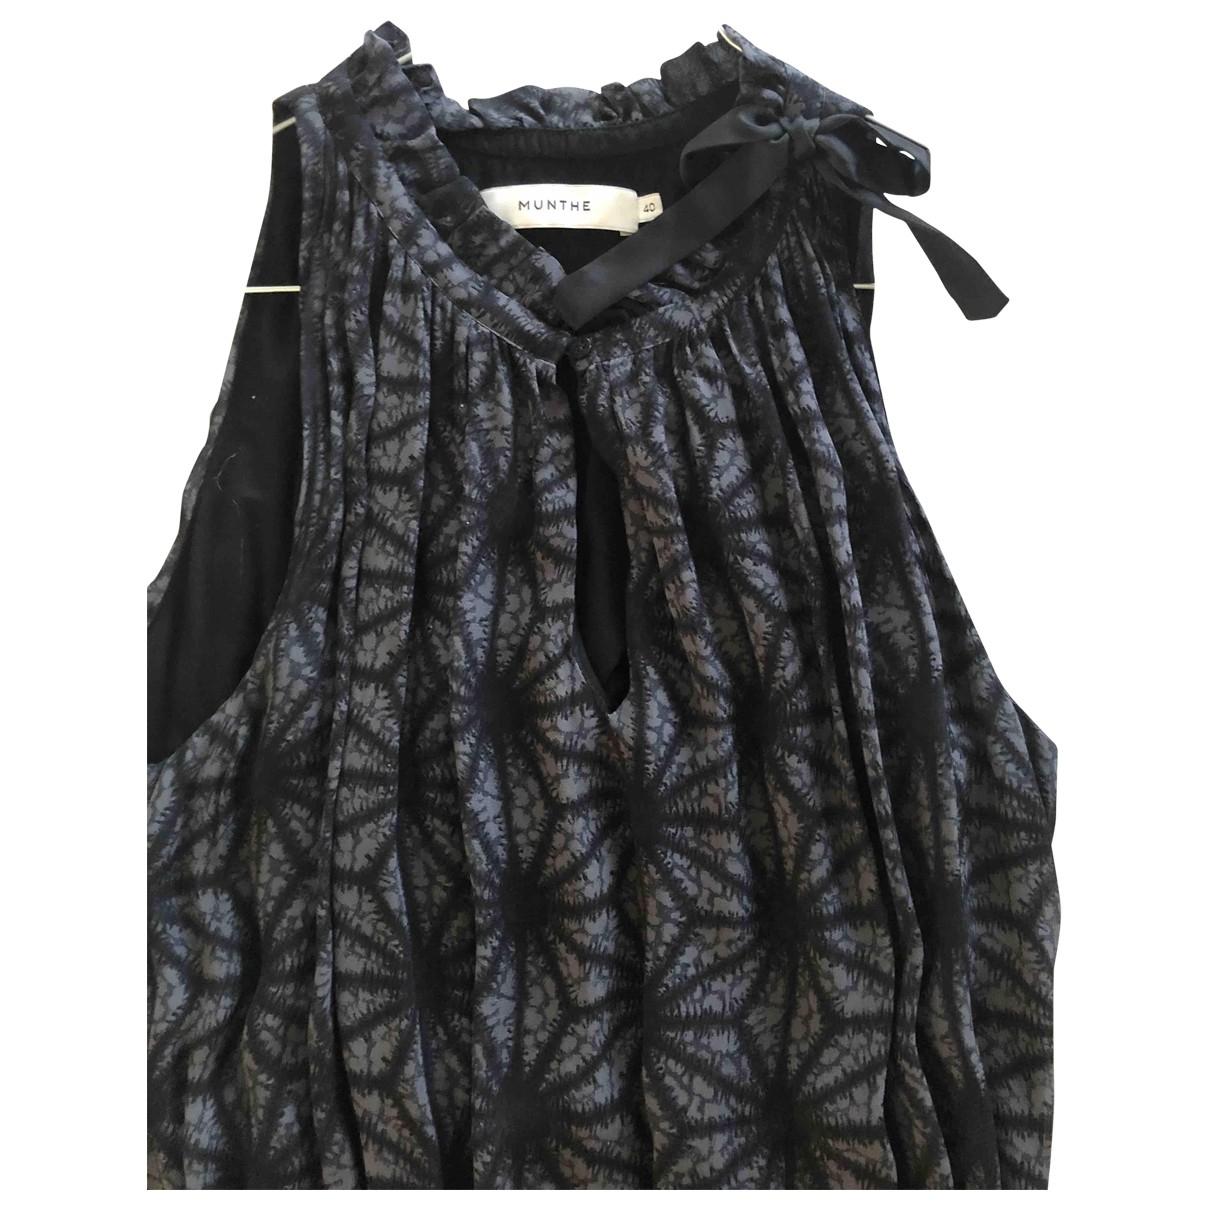 Munthe \N Black dress for Women 40 FR